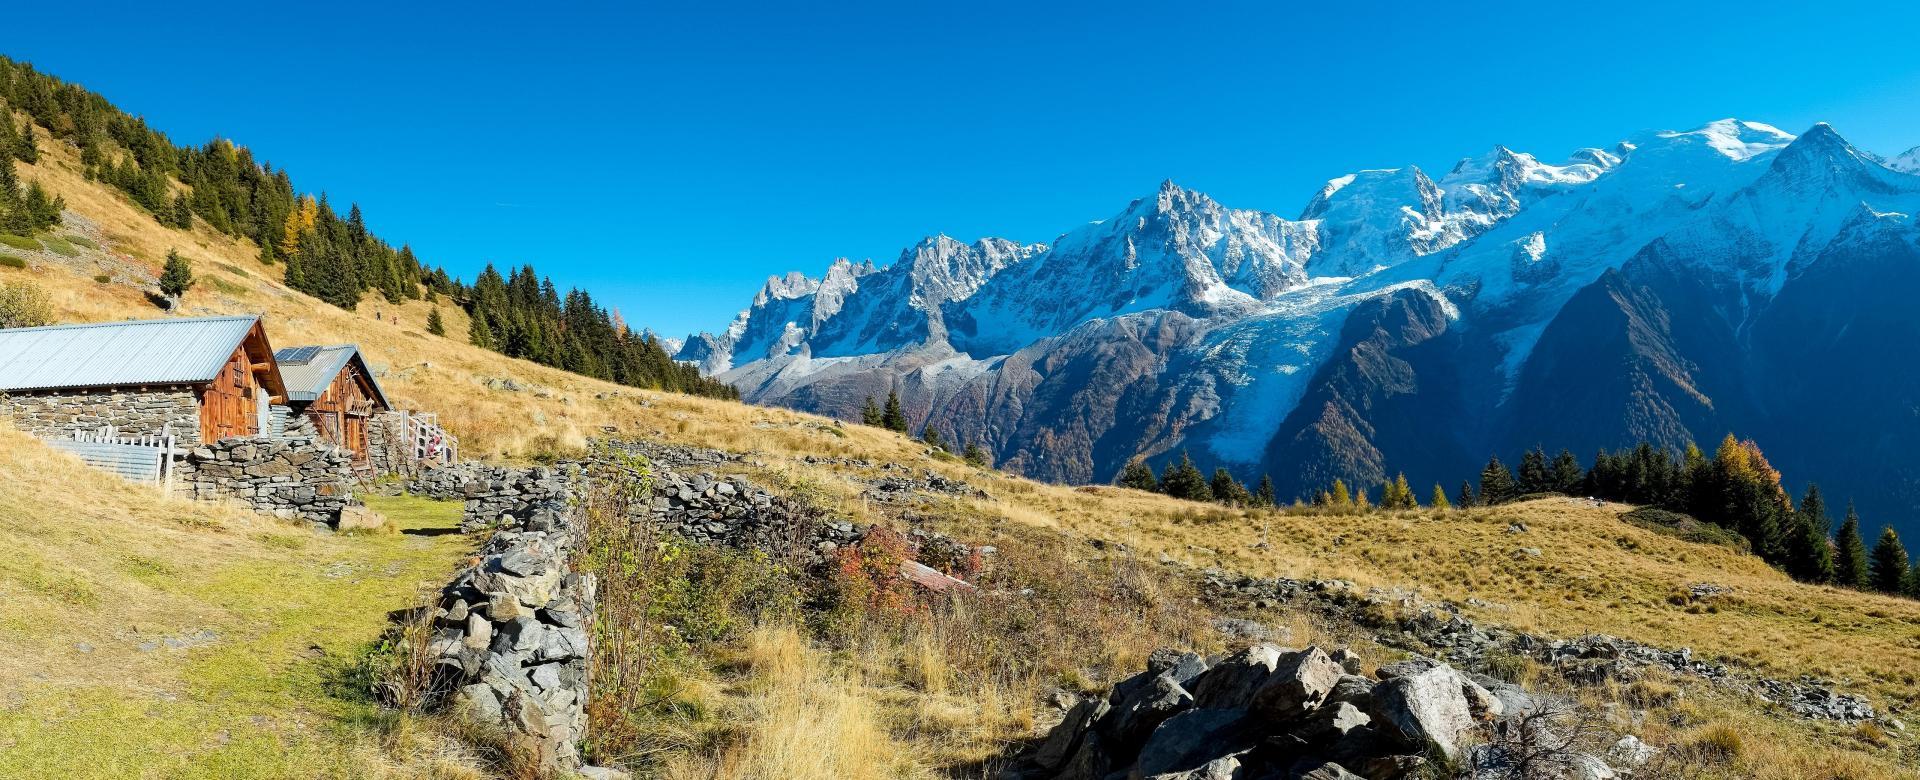 Voyage à pied : Les panoramas du mont blanc